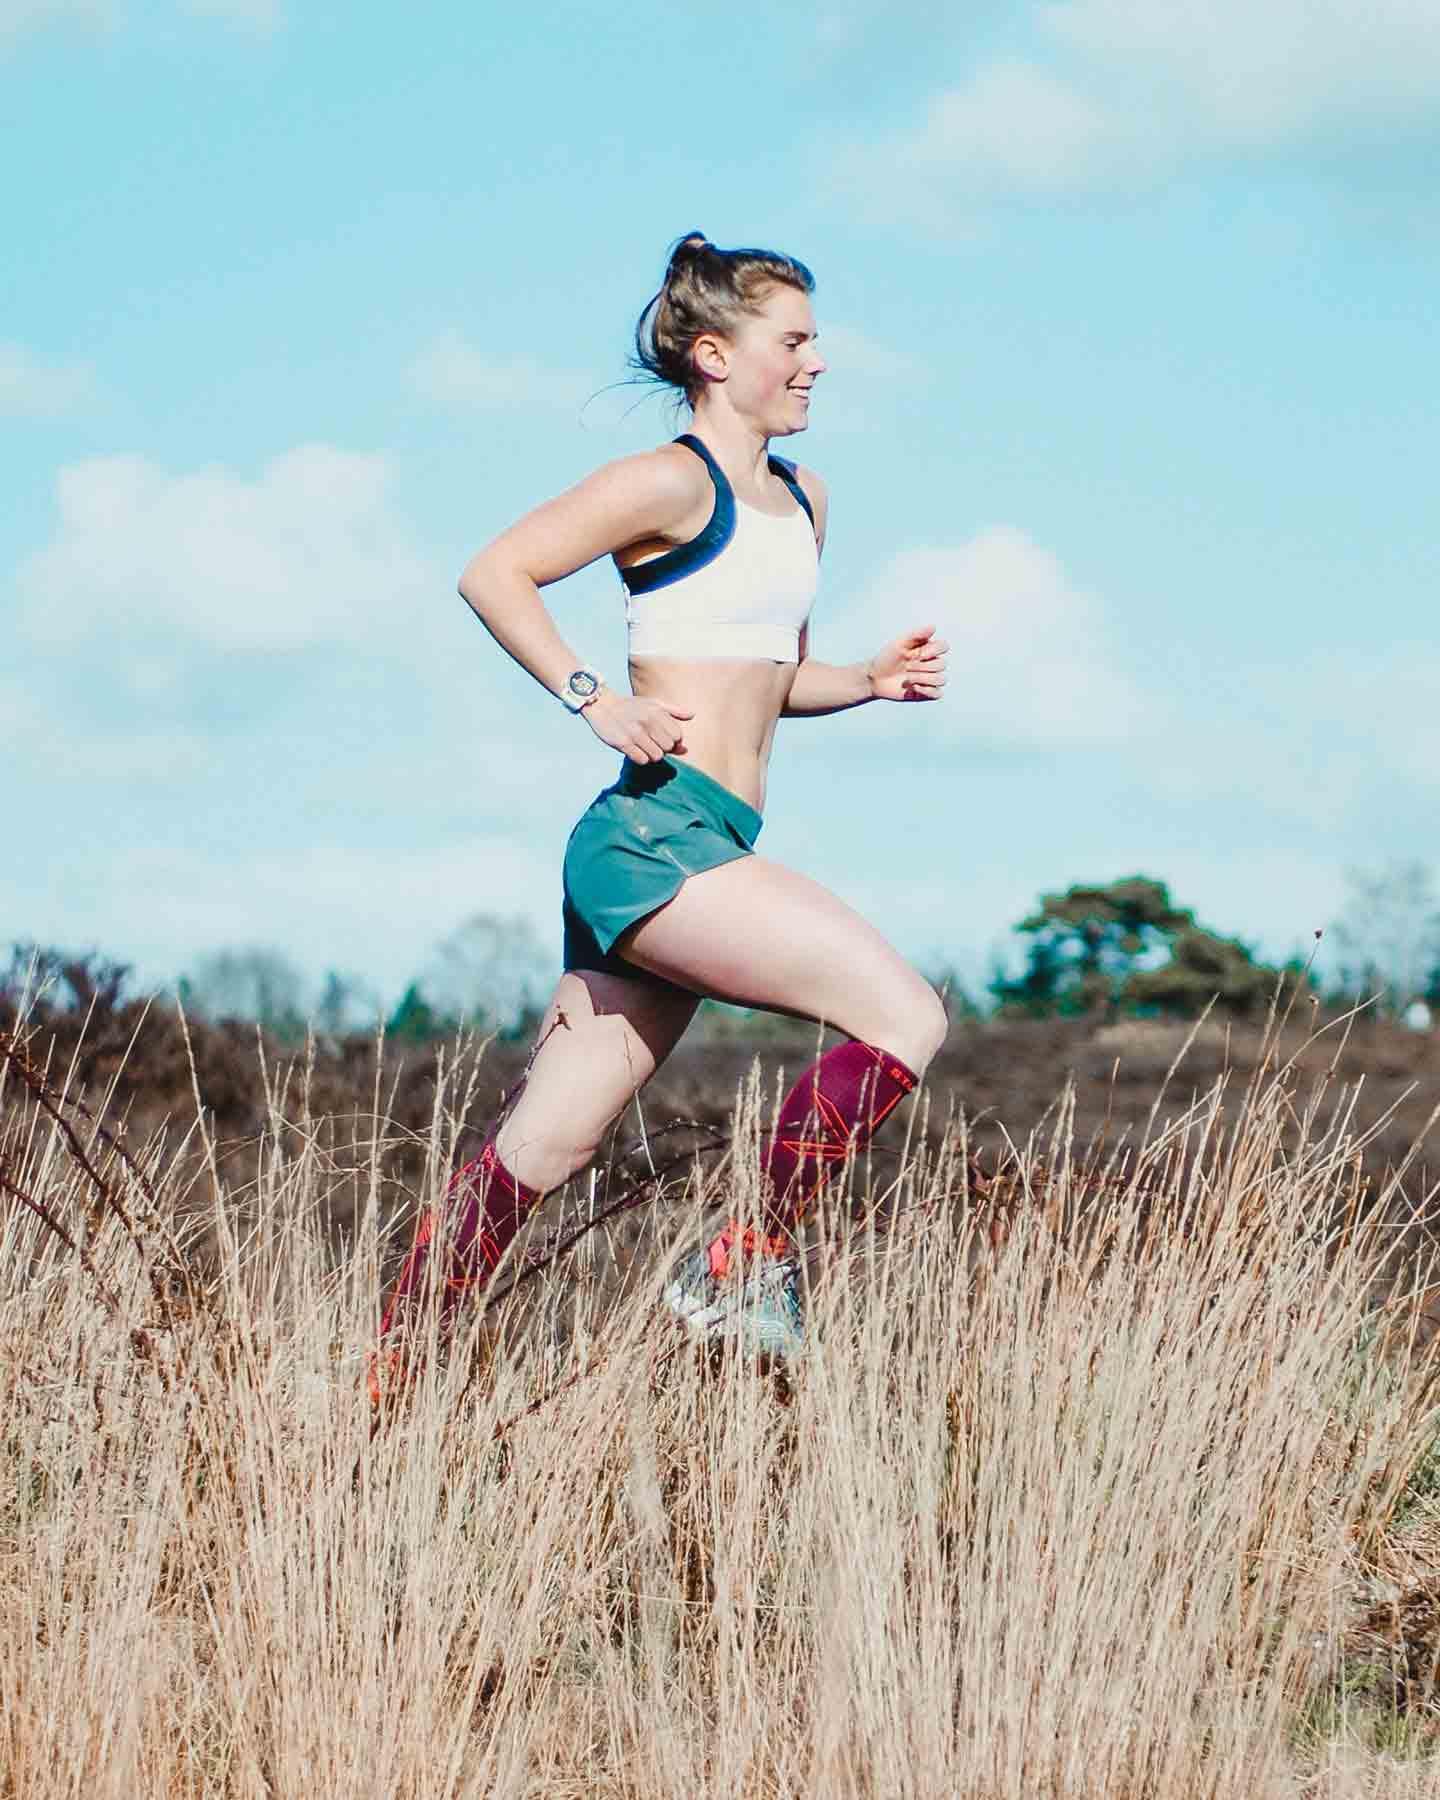 STOX Energy Socks | Innovatieve sokken | Probeer 14 dagen gratis! - STOX